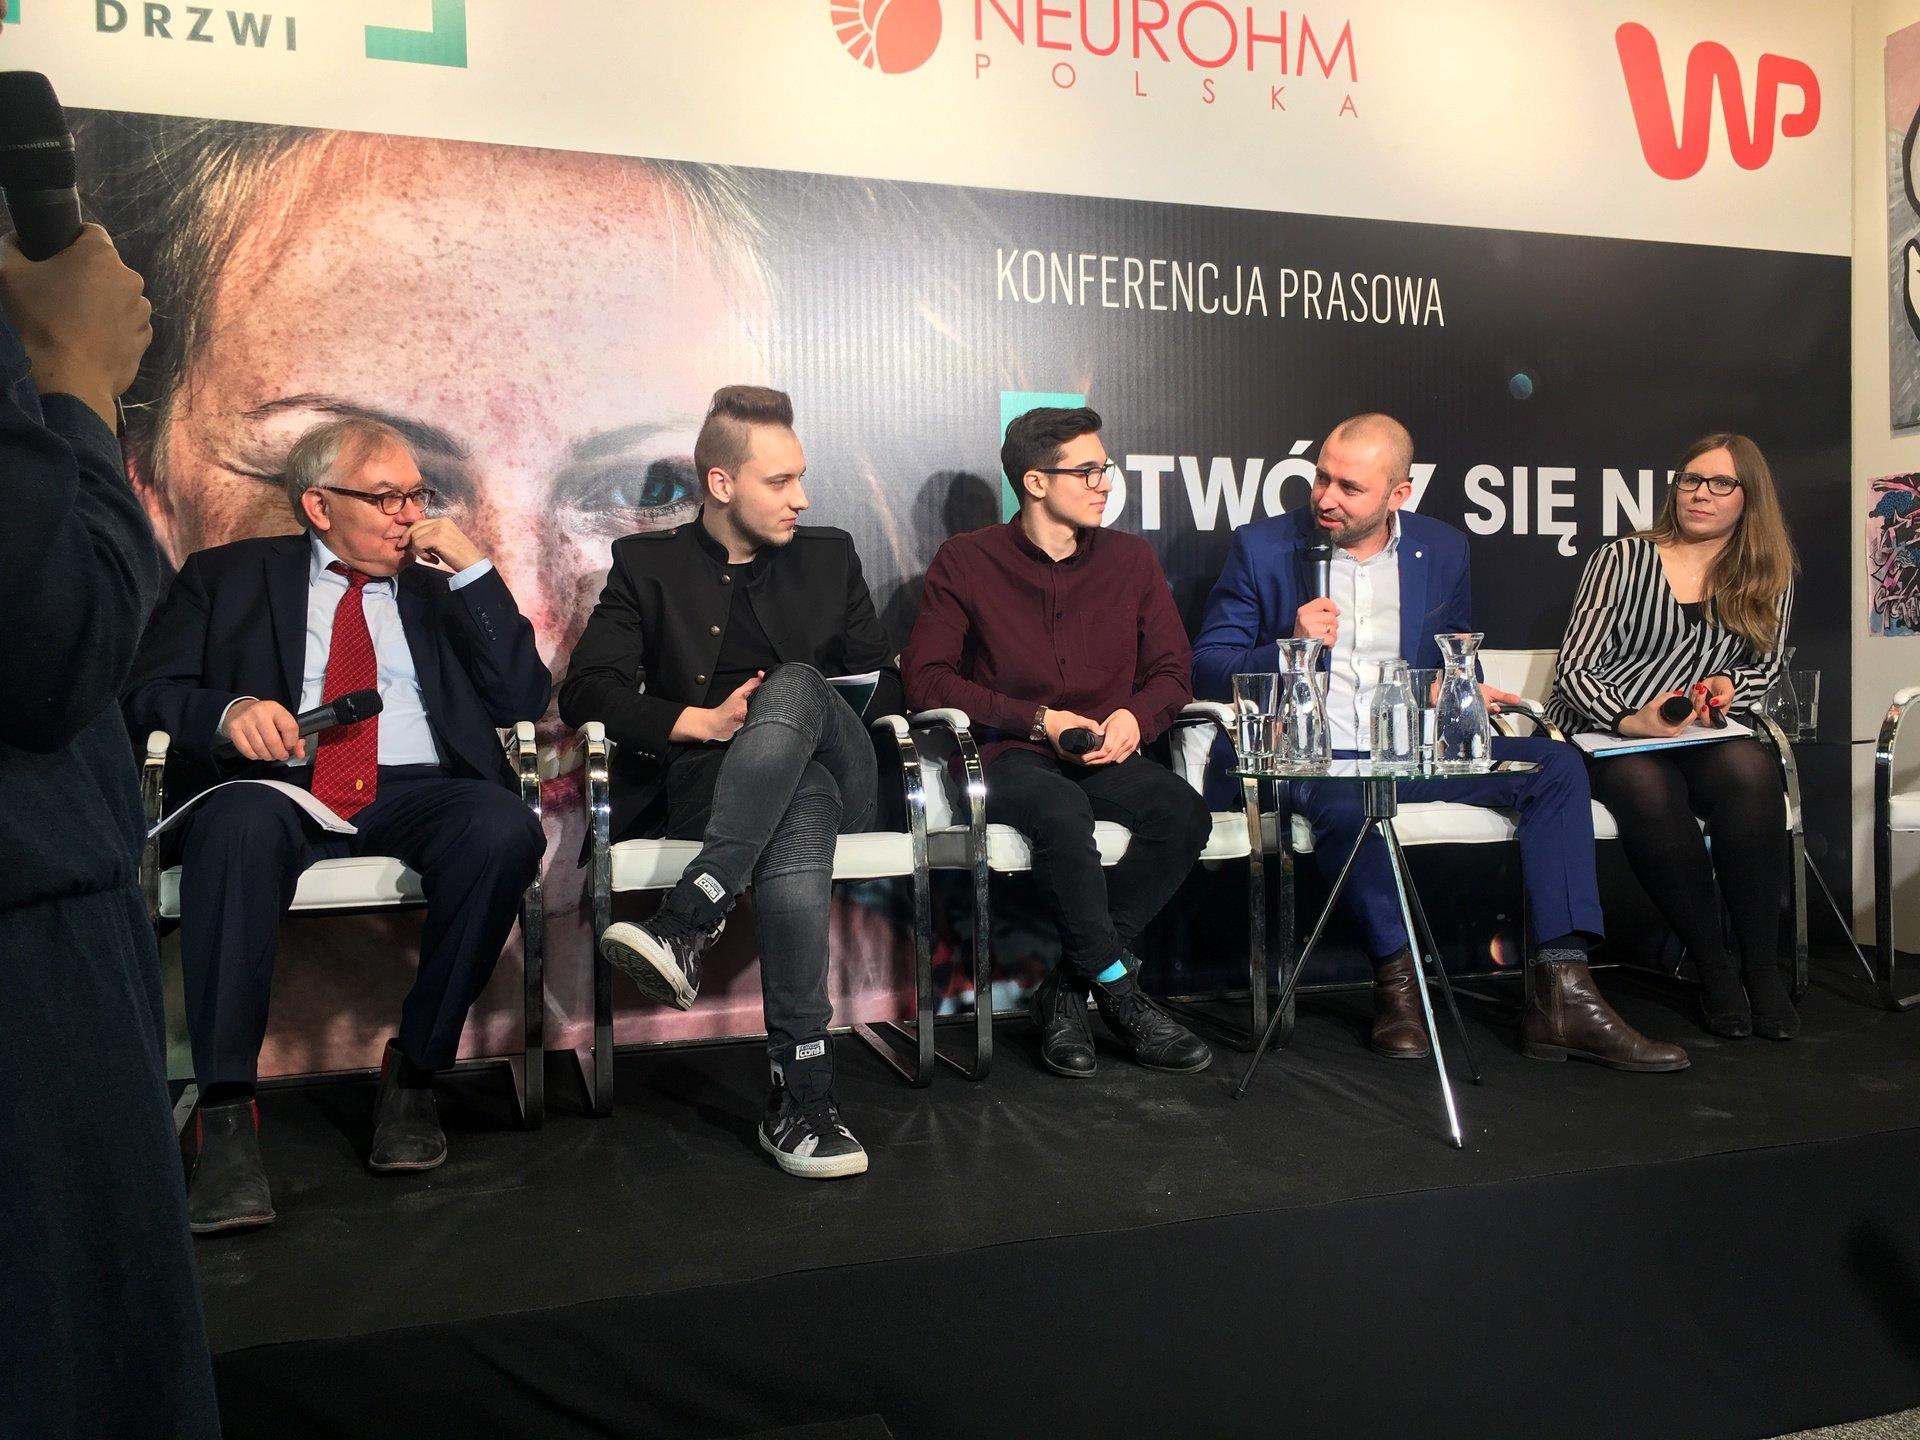 Czy Polacy są otwartym narodem? Sprawdzają: Karol Paciorek, Reżyser Życia, iluzjonista Y i Rob$on.